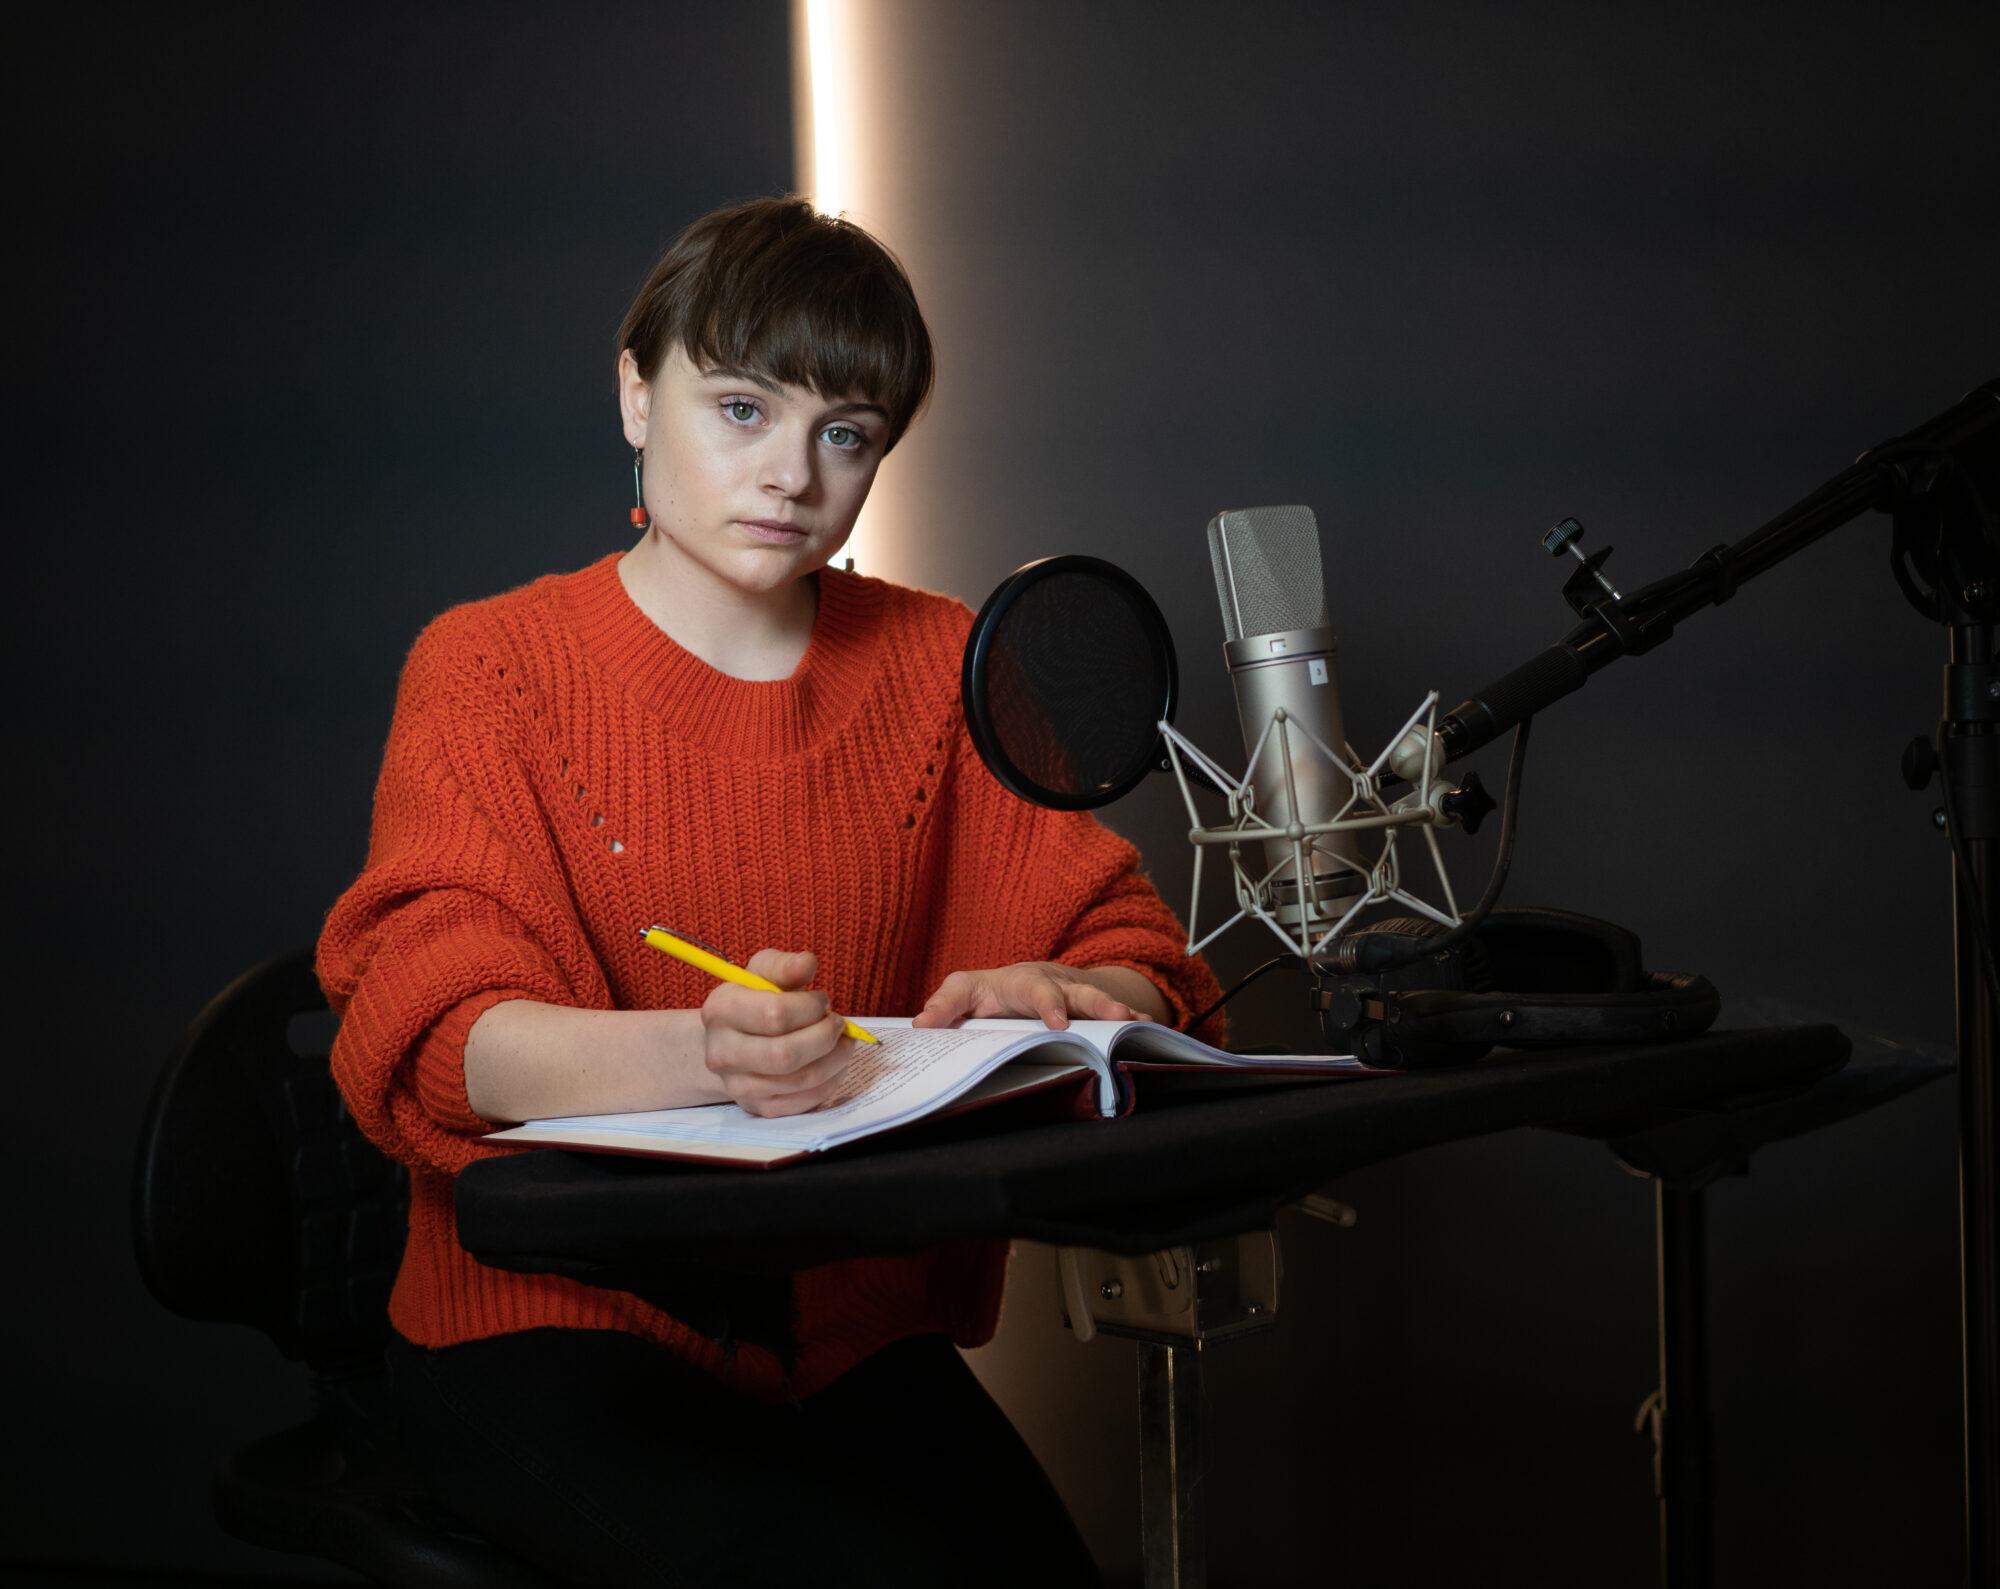 Lena Urzendowsky: Bücher interpretiere ich als Darstellerin oder lese sie ein